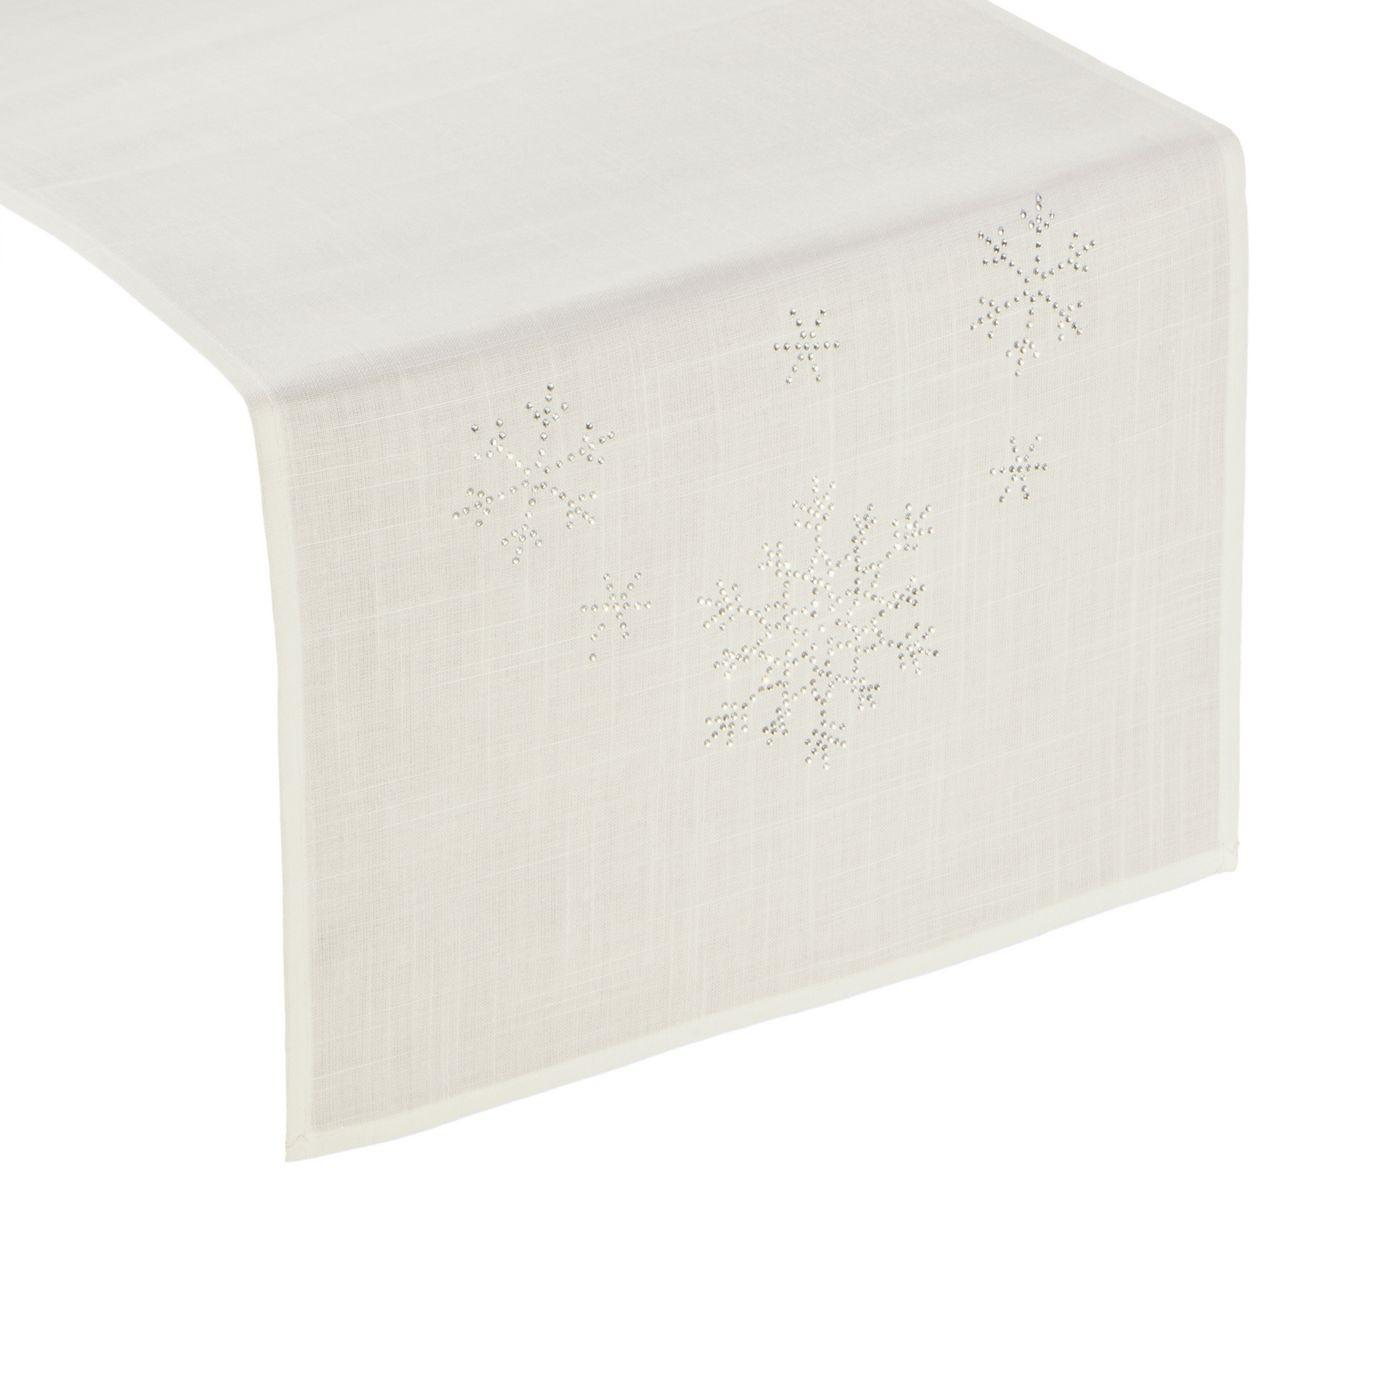 Kremowy bieżnik świąteczny z kryształkami 40x140 cm